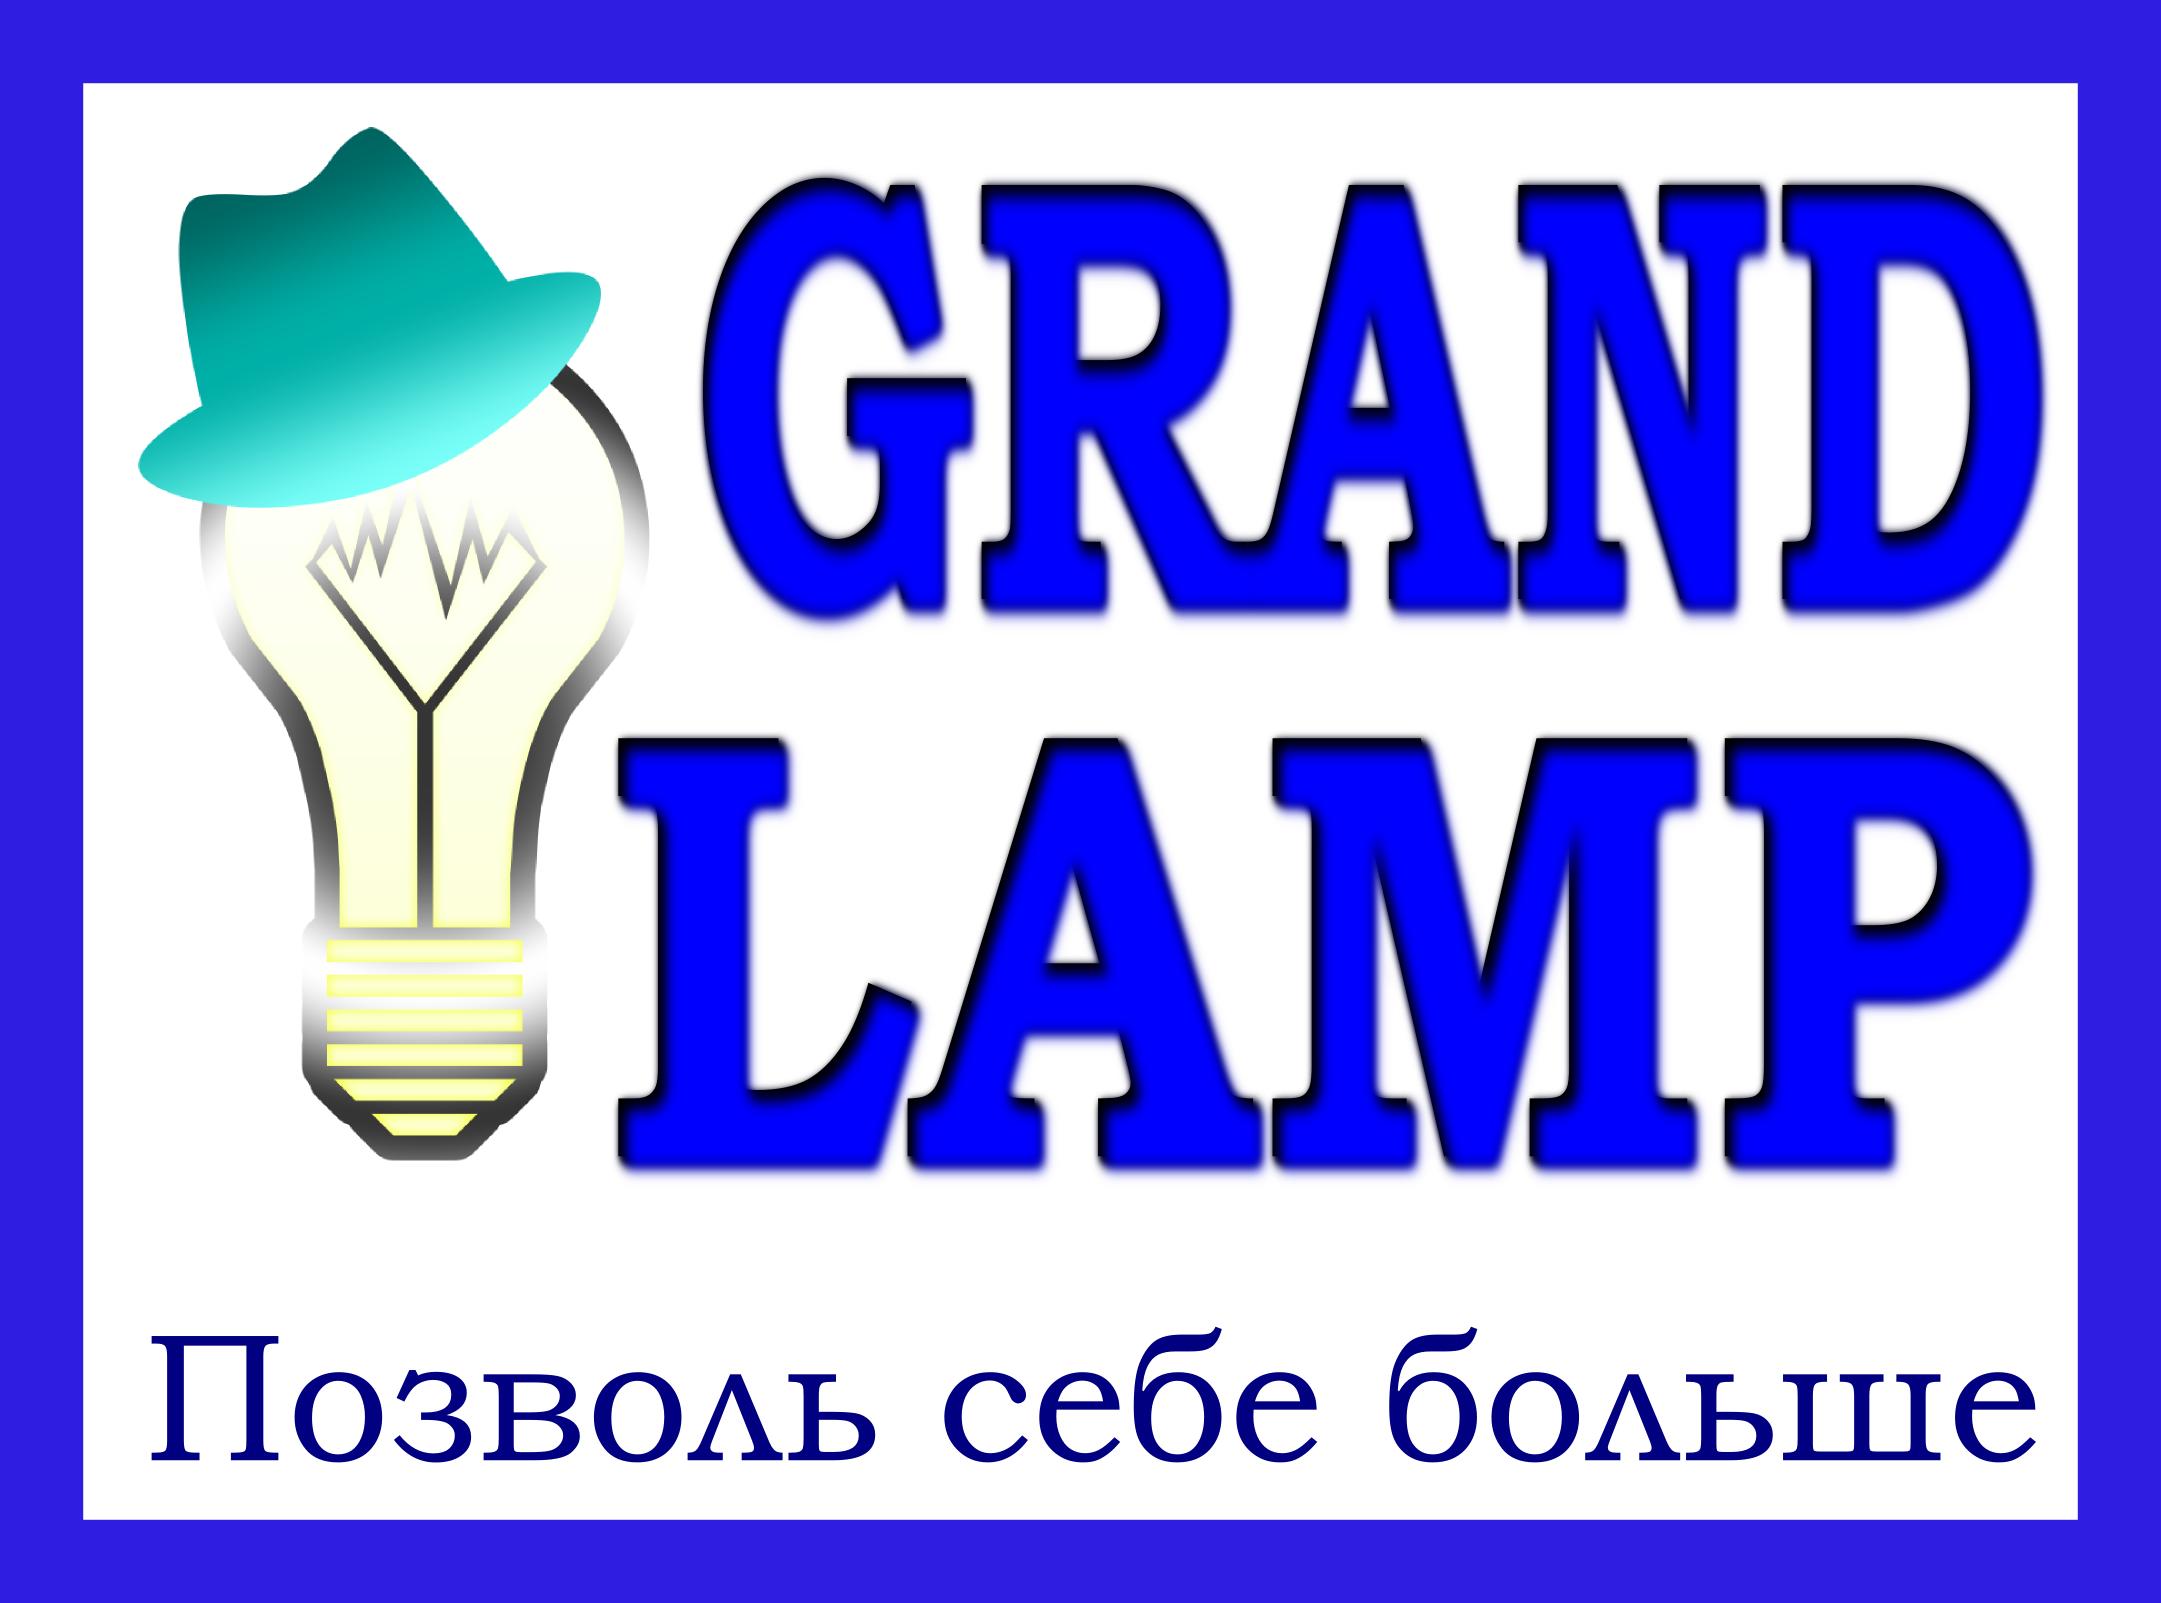 Разработка логотипа и элементов фирменного стиля фото f_77157e41613b94e4.png